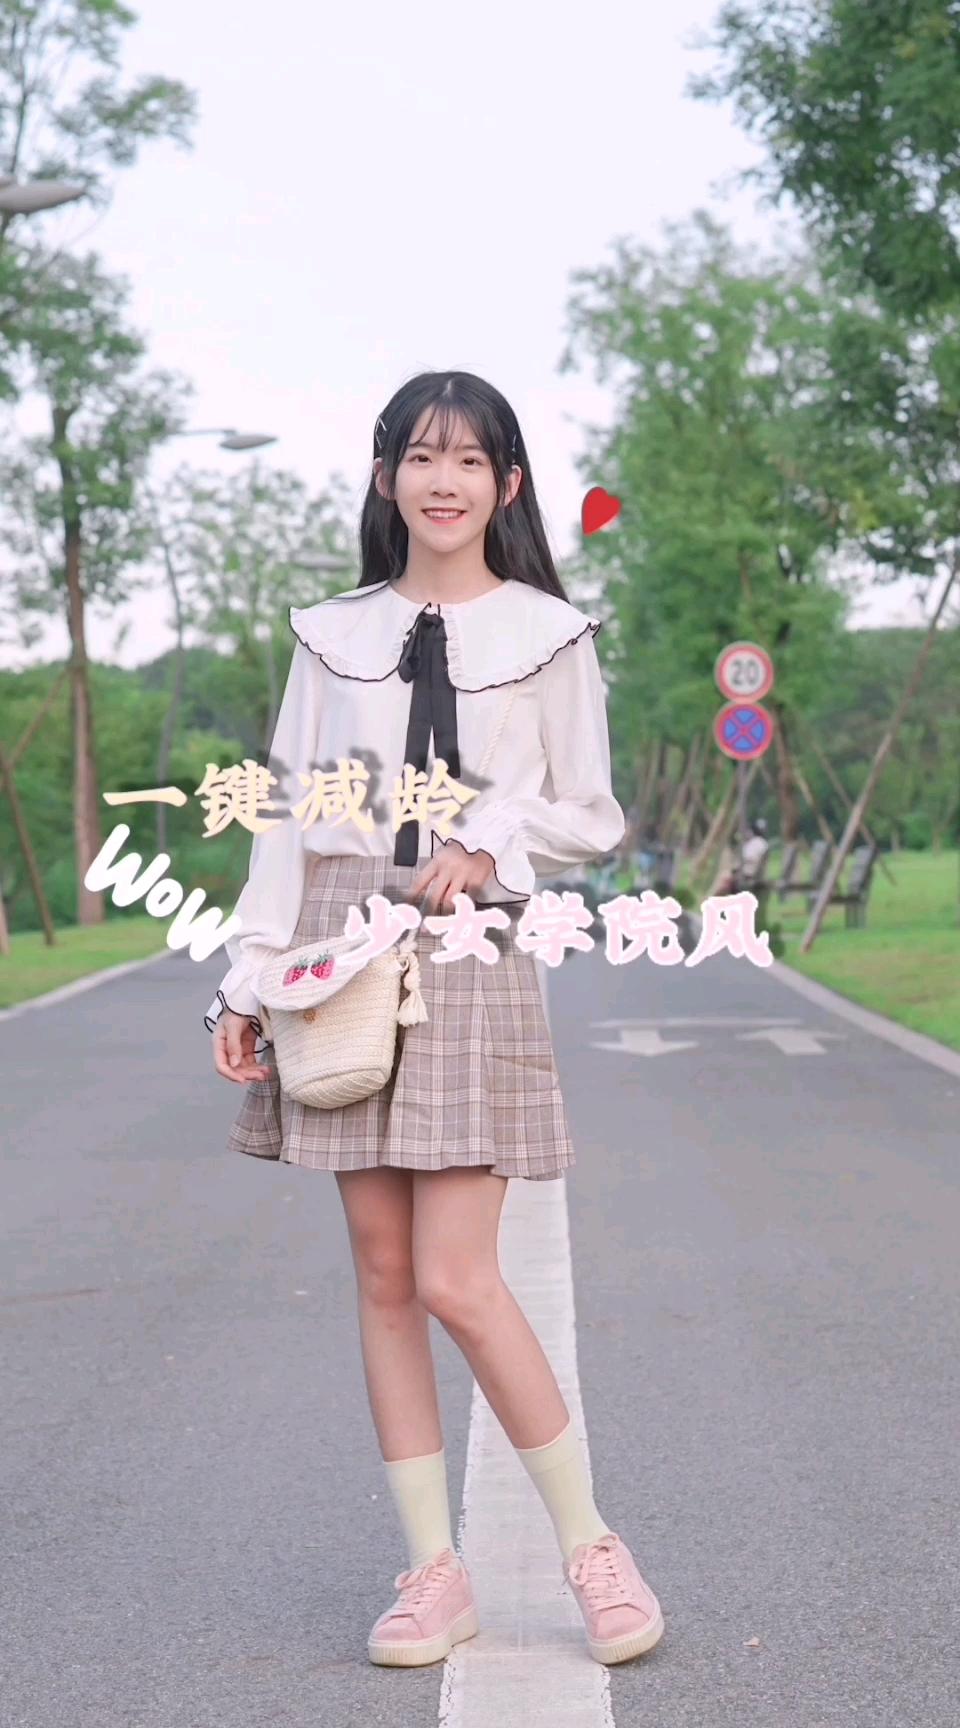 💕#2019早秋流行,我带你追!# 早秋穿搭〰〰 👯上衣:学院风的白衬衣,但娃娃领和袖口都有花边设计,少女心满满 🌥裙子:喇叭小短裙,转起来真是元气满满 💕秋天也做个少女吧